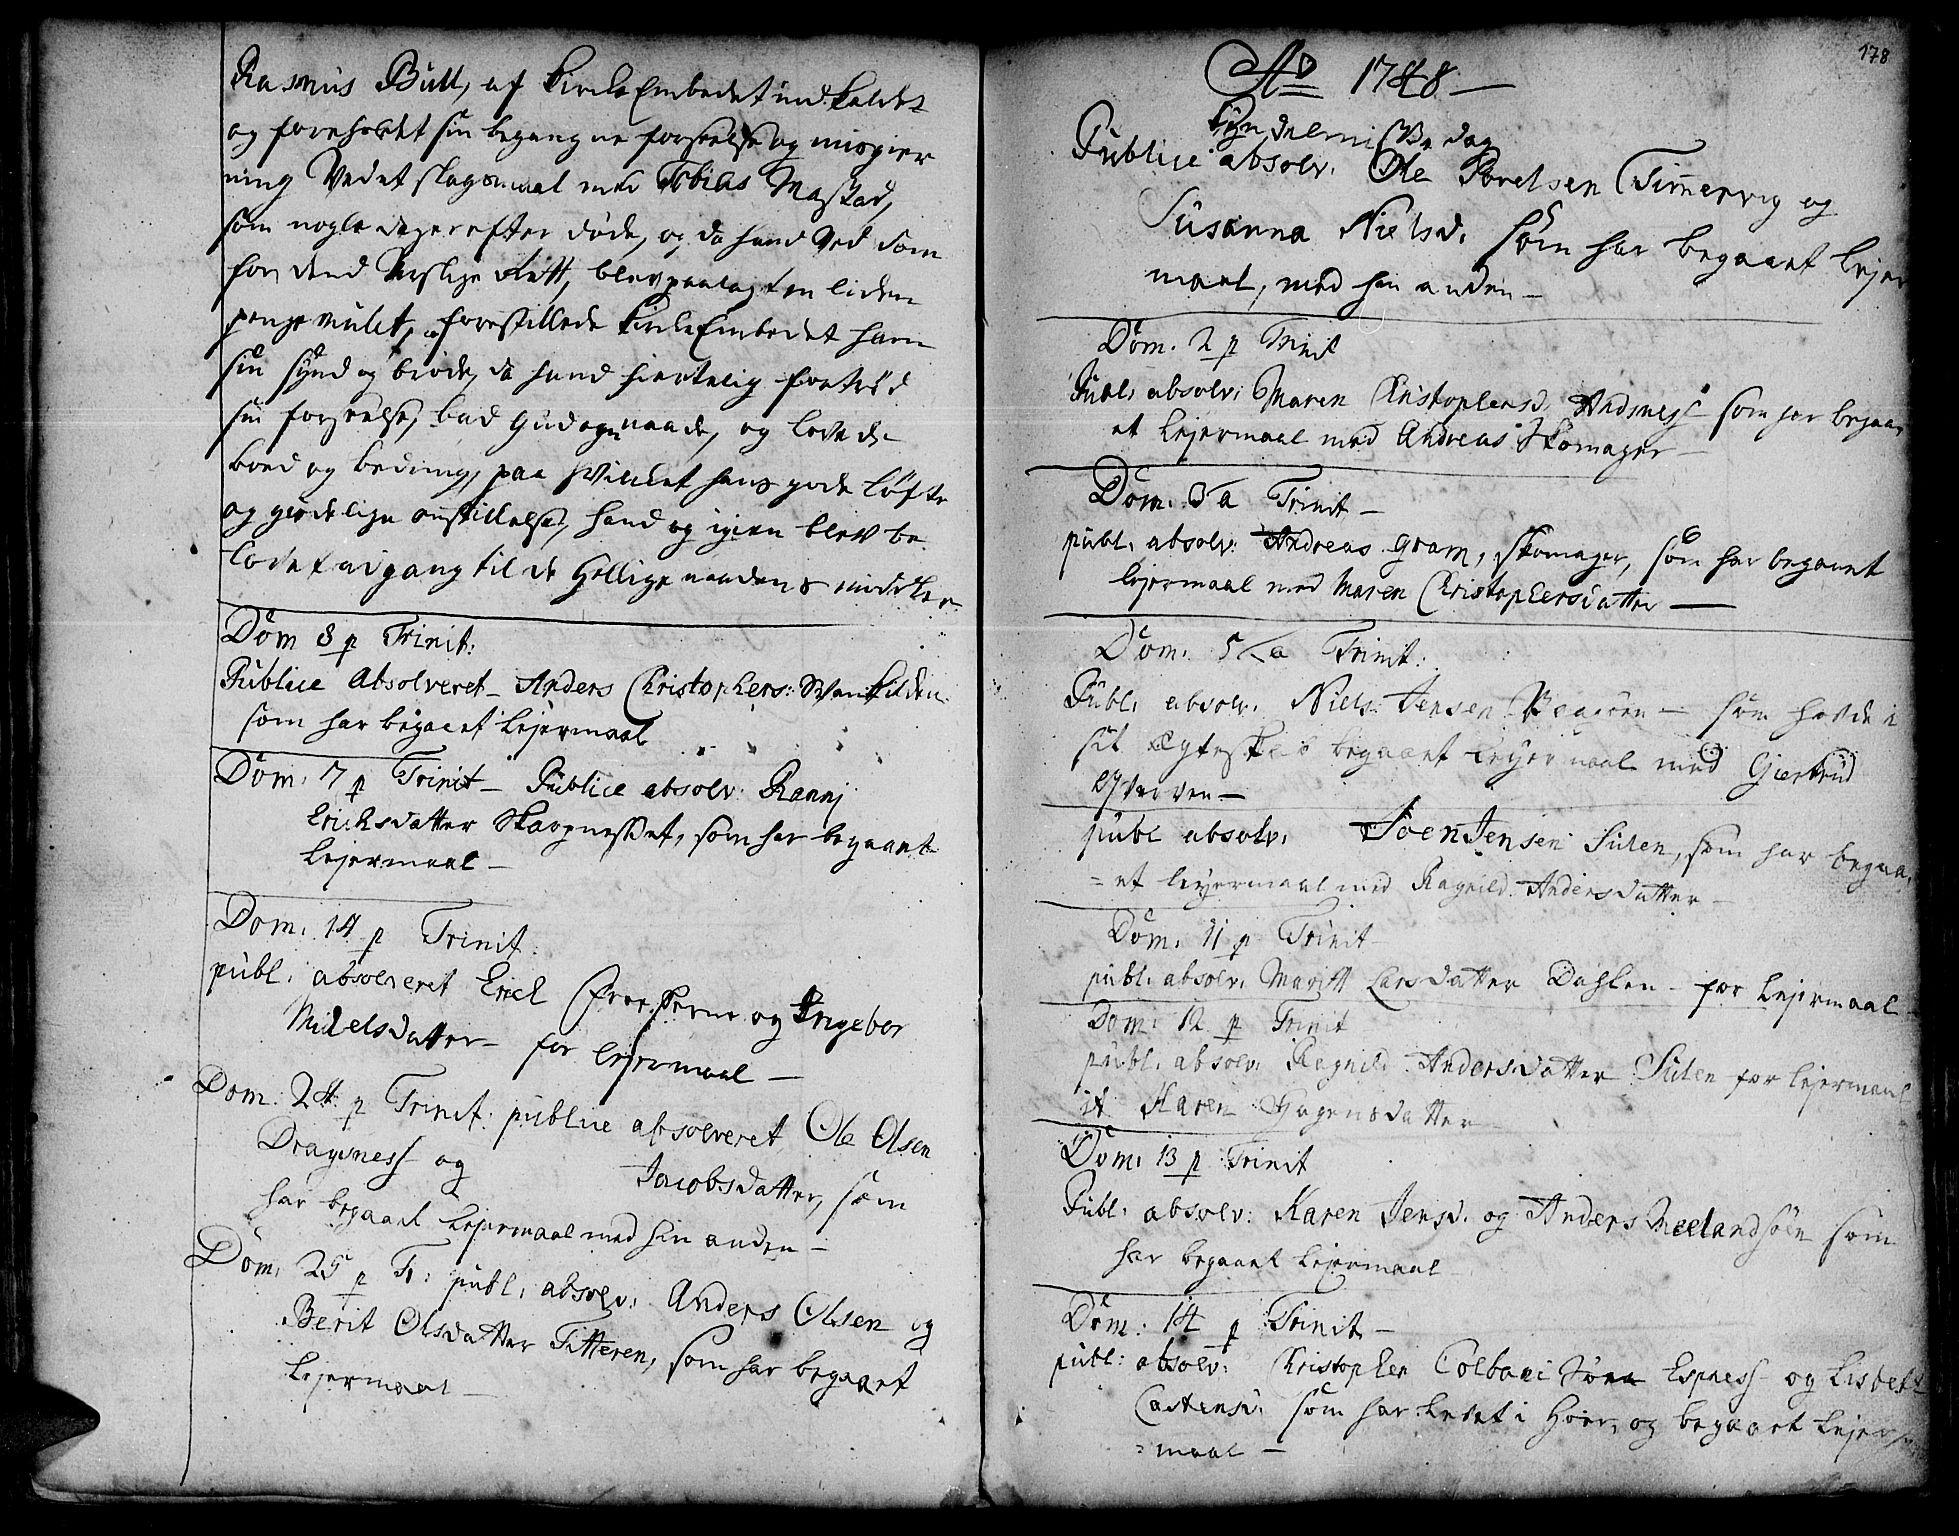 SAT, Ministerialprotokoller, klokkerbøker og fødselsregistre - Sør-Trøndelag, 634/L0525: Ministerialbok nr. 634A01, 1736-1775, s. 178